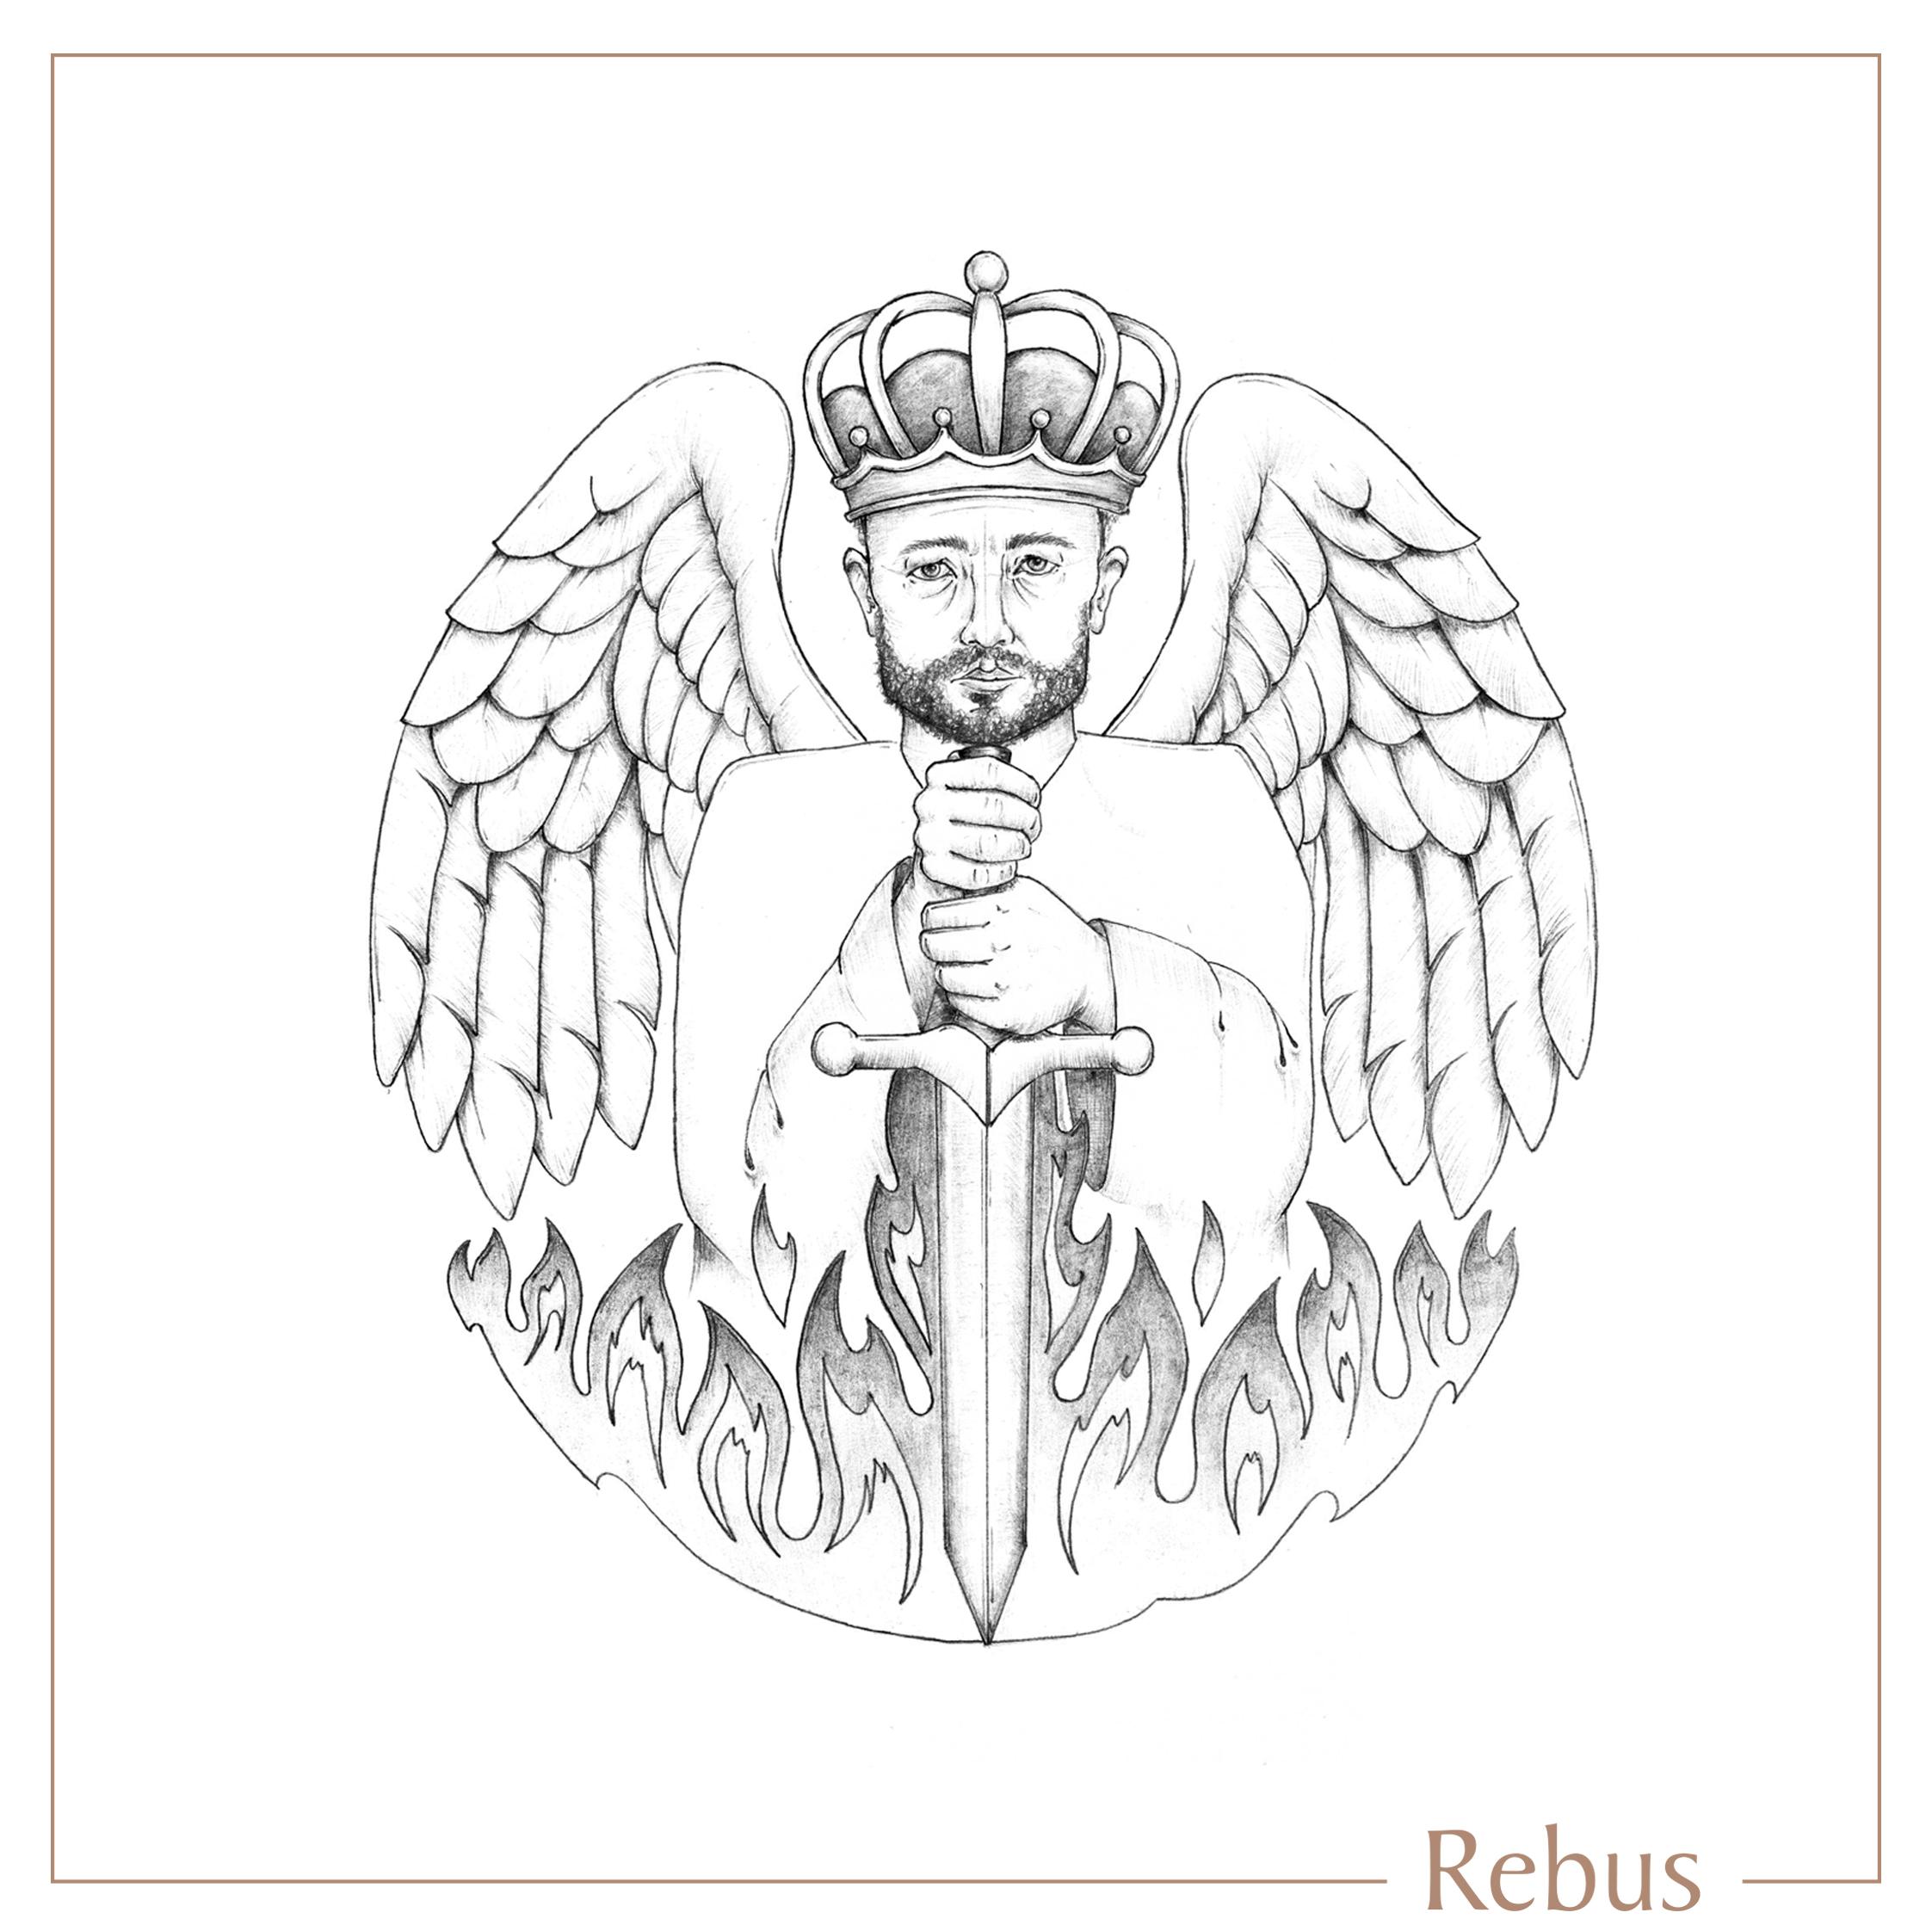 2245x2244 Man, Sword, Wings, Winged Man, Angel, Fire, Symbolic, Bespoke